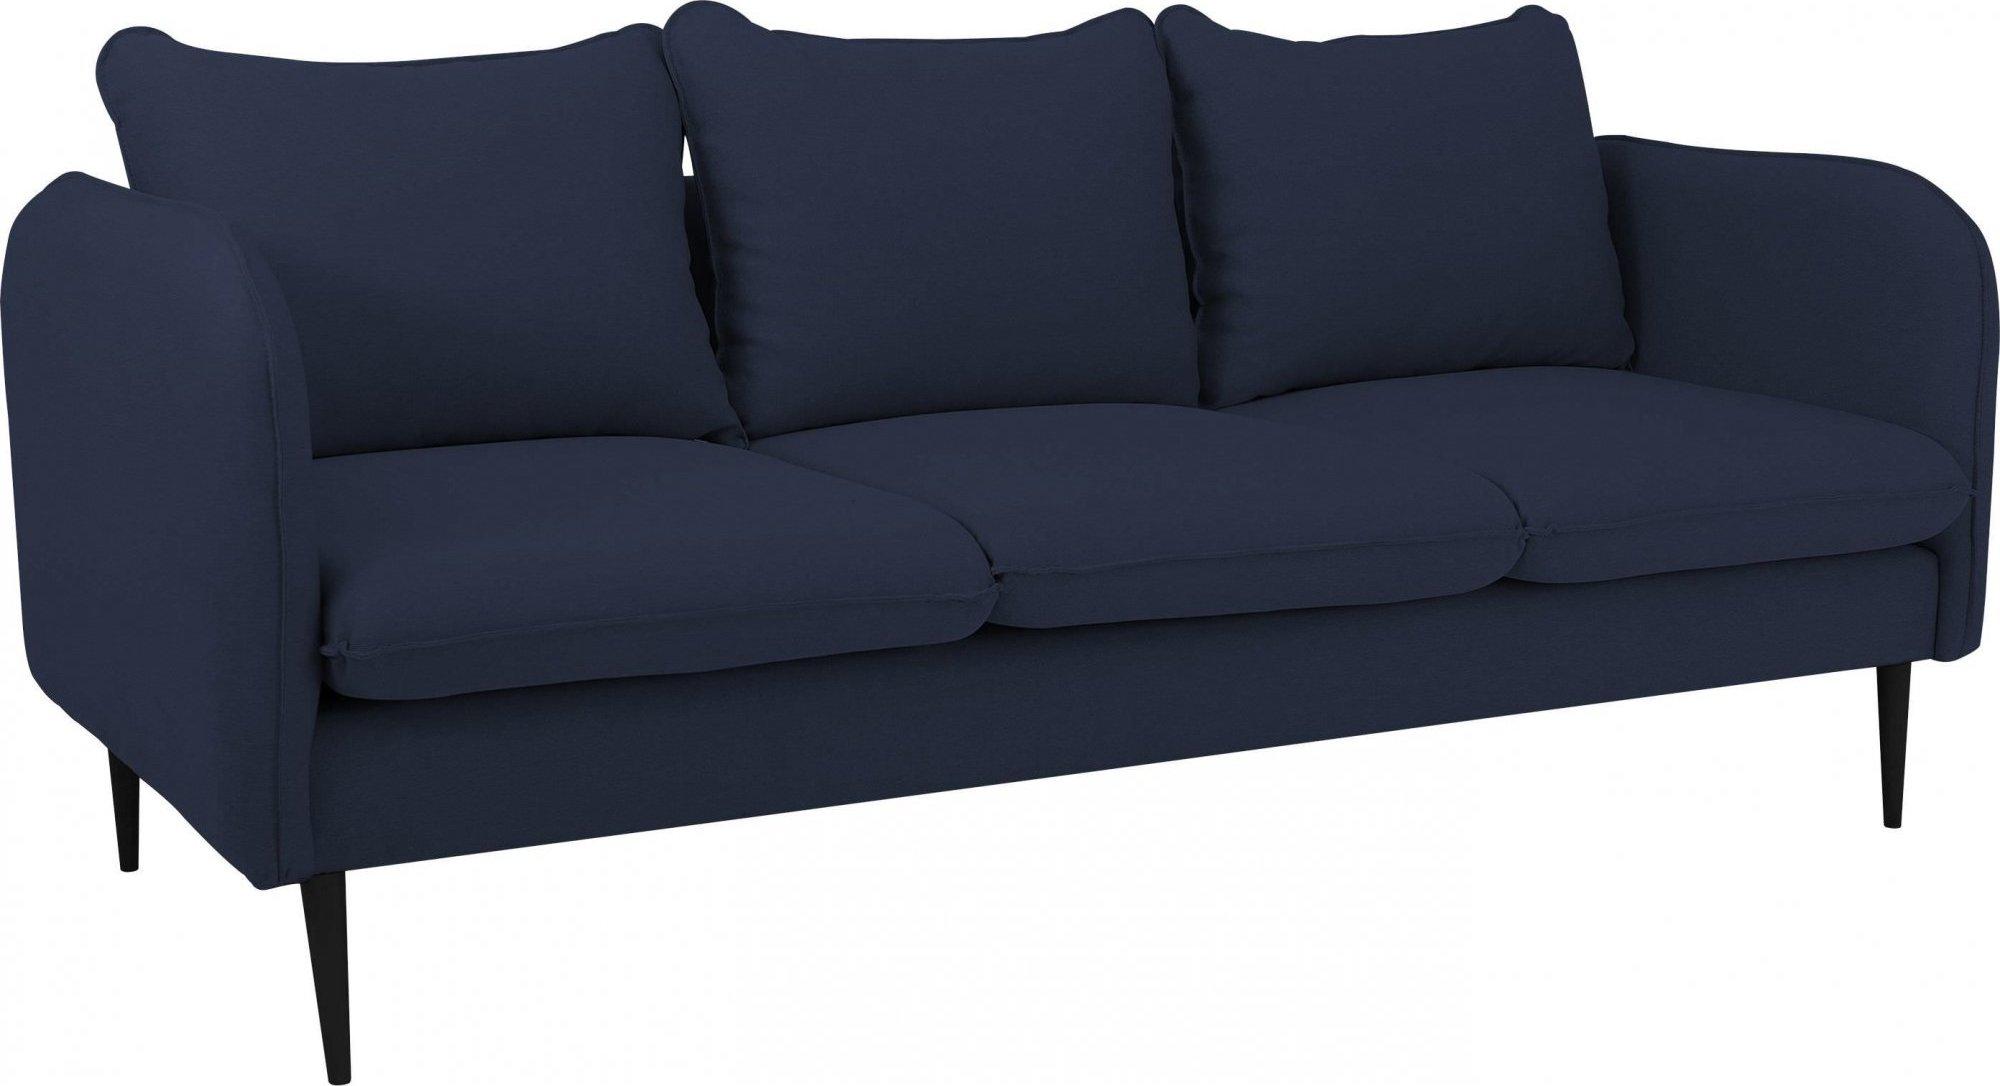 Canapé tissu 3 places bleu encre h45cm